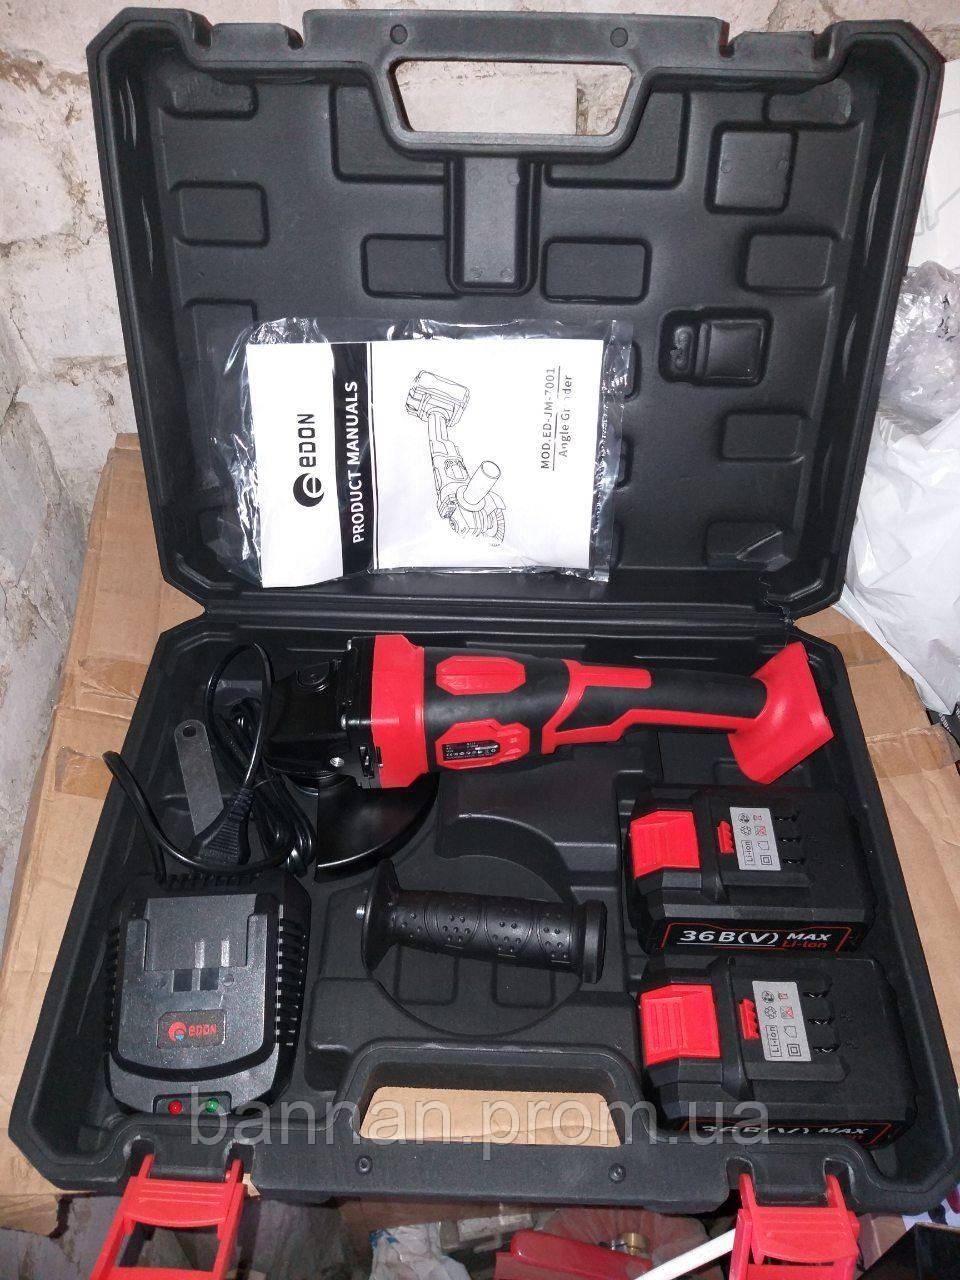 Аккумуляторная УШМ Edon ED-JM-7001